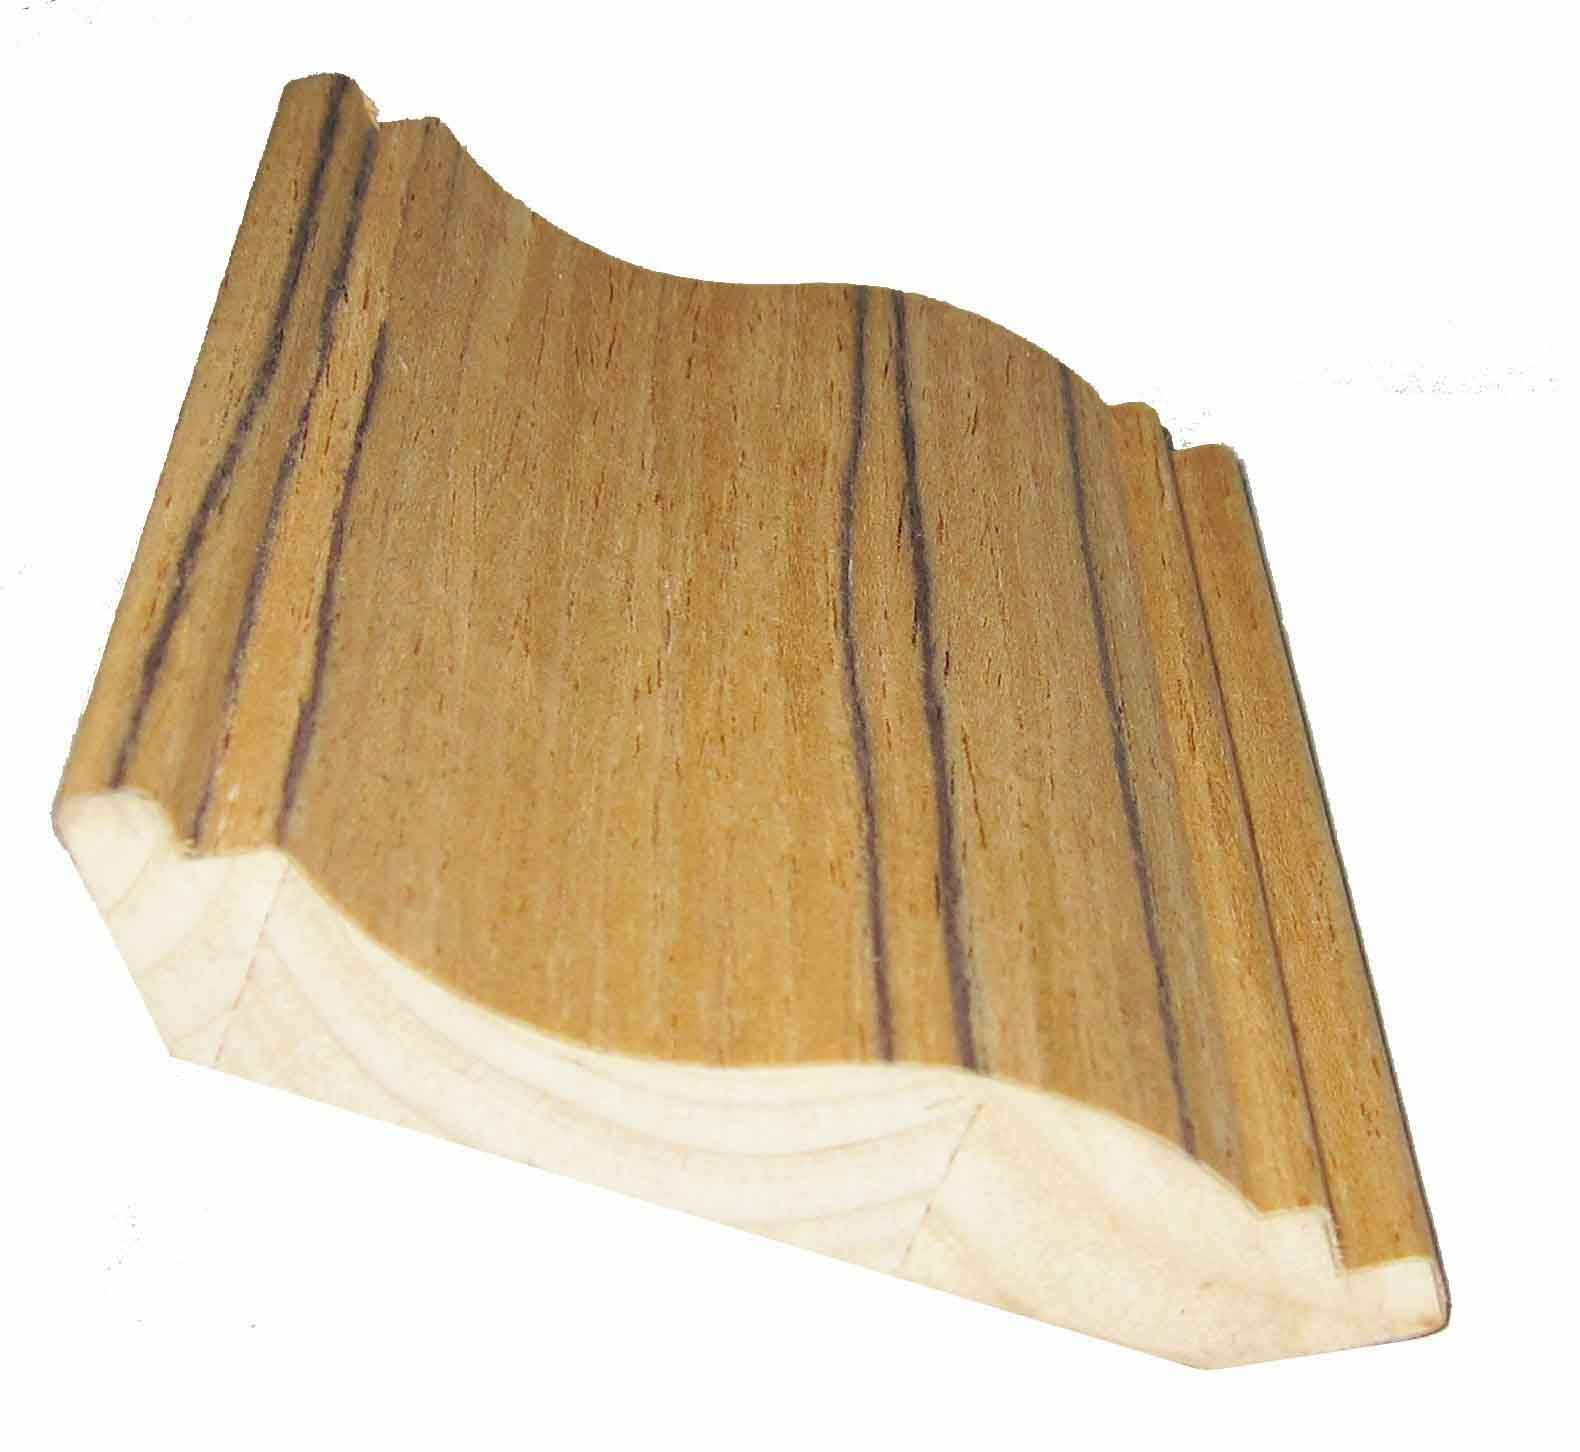 实木线条产品图片,实木线条产品相册图片